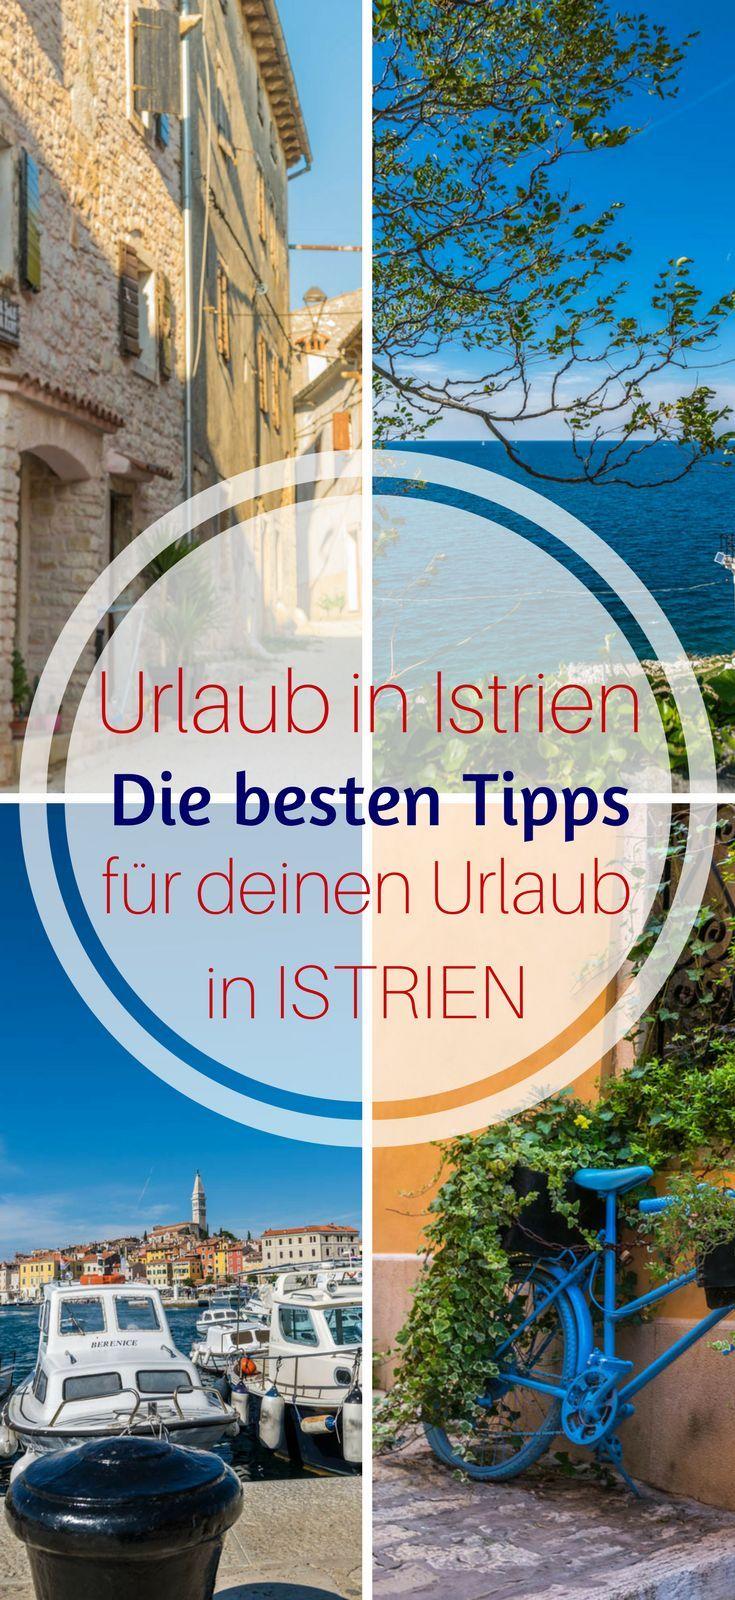 Urlaub in Istrien - Das kannst du in 7 Tagen erleben. Reisetipps für deinen Urlaub in Istrien. Ich zeige dir, was du in einer Woche in Istrien erleben und entdecken kannst #kroatien #istrien #reisen #urlaub